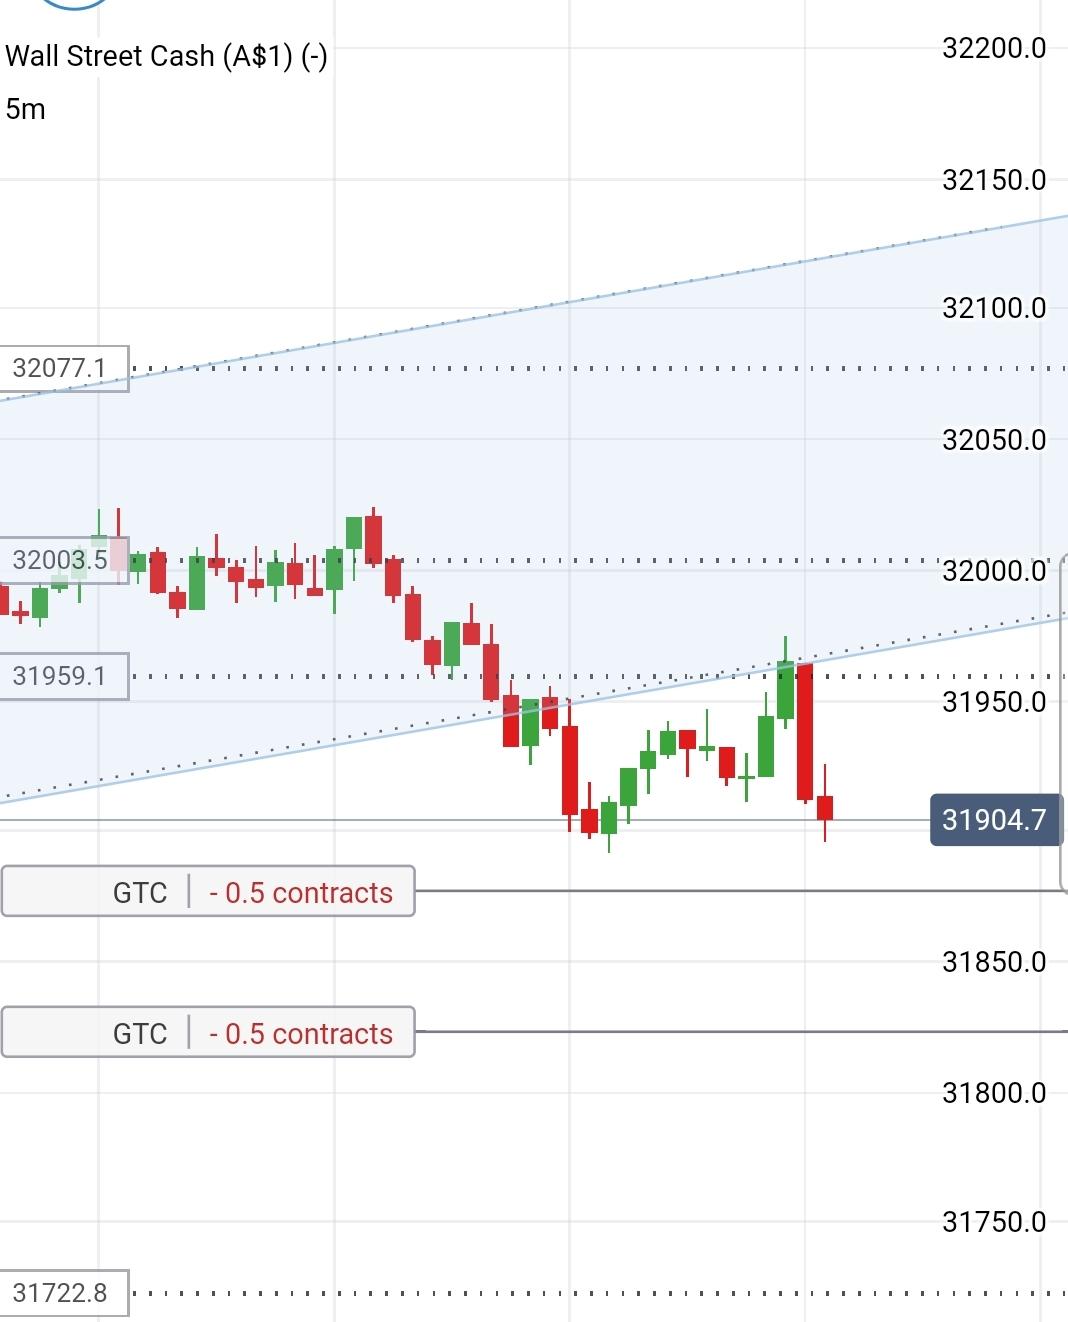 SmartSelect_20210309-080744_IG Trading.jpg